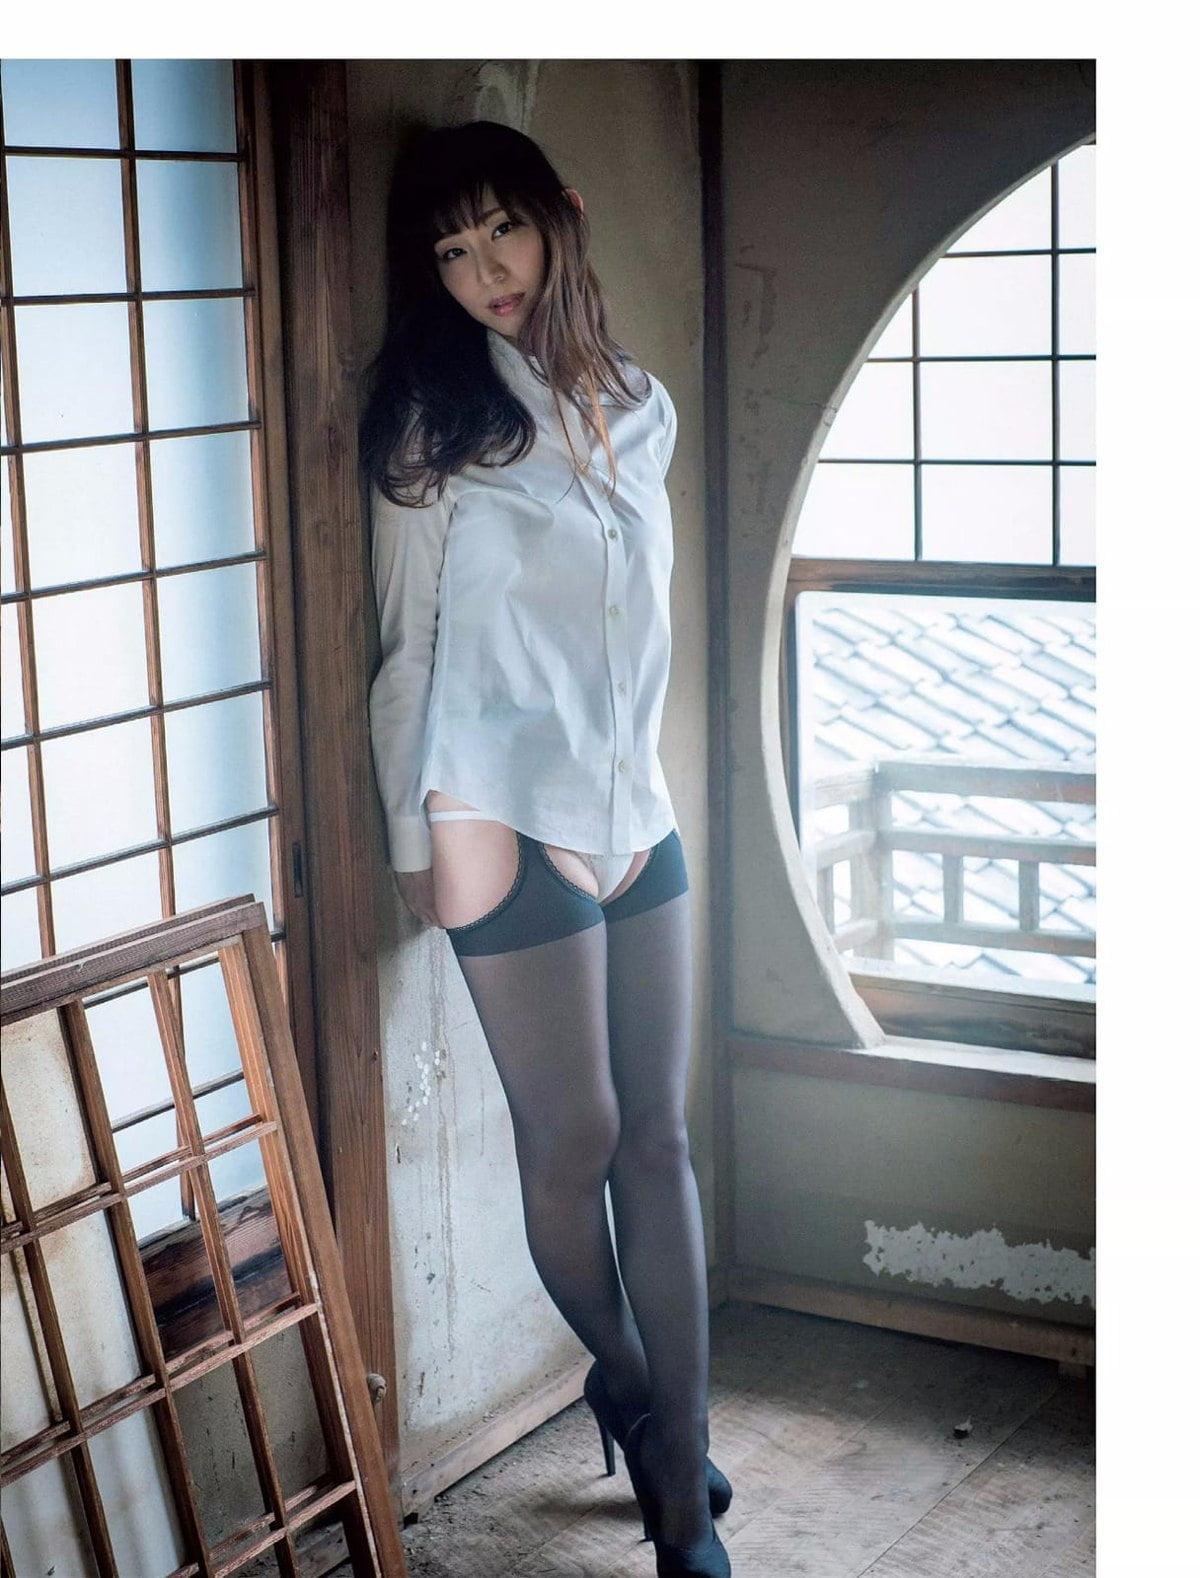 グラビアアイドル写真集|大人の色気が増した塩地美澄アナの画像まとめ5 108枚